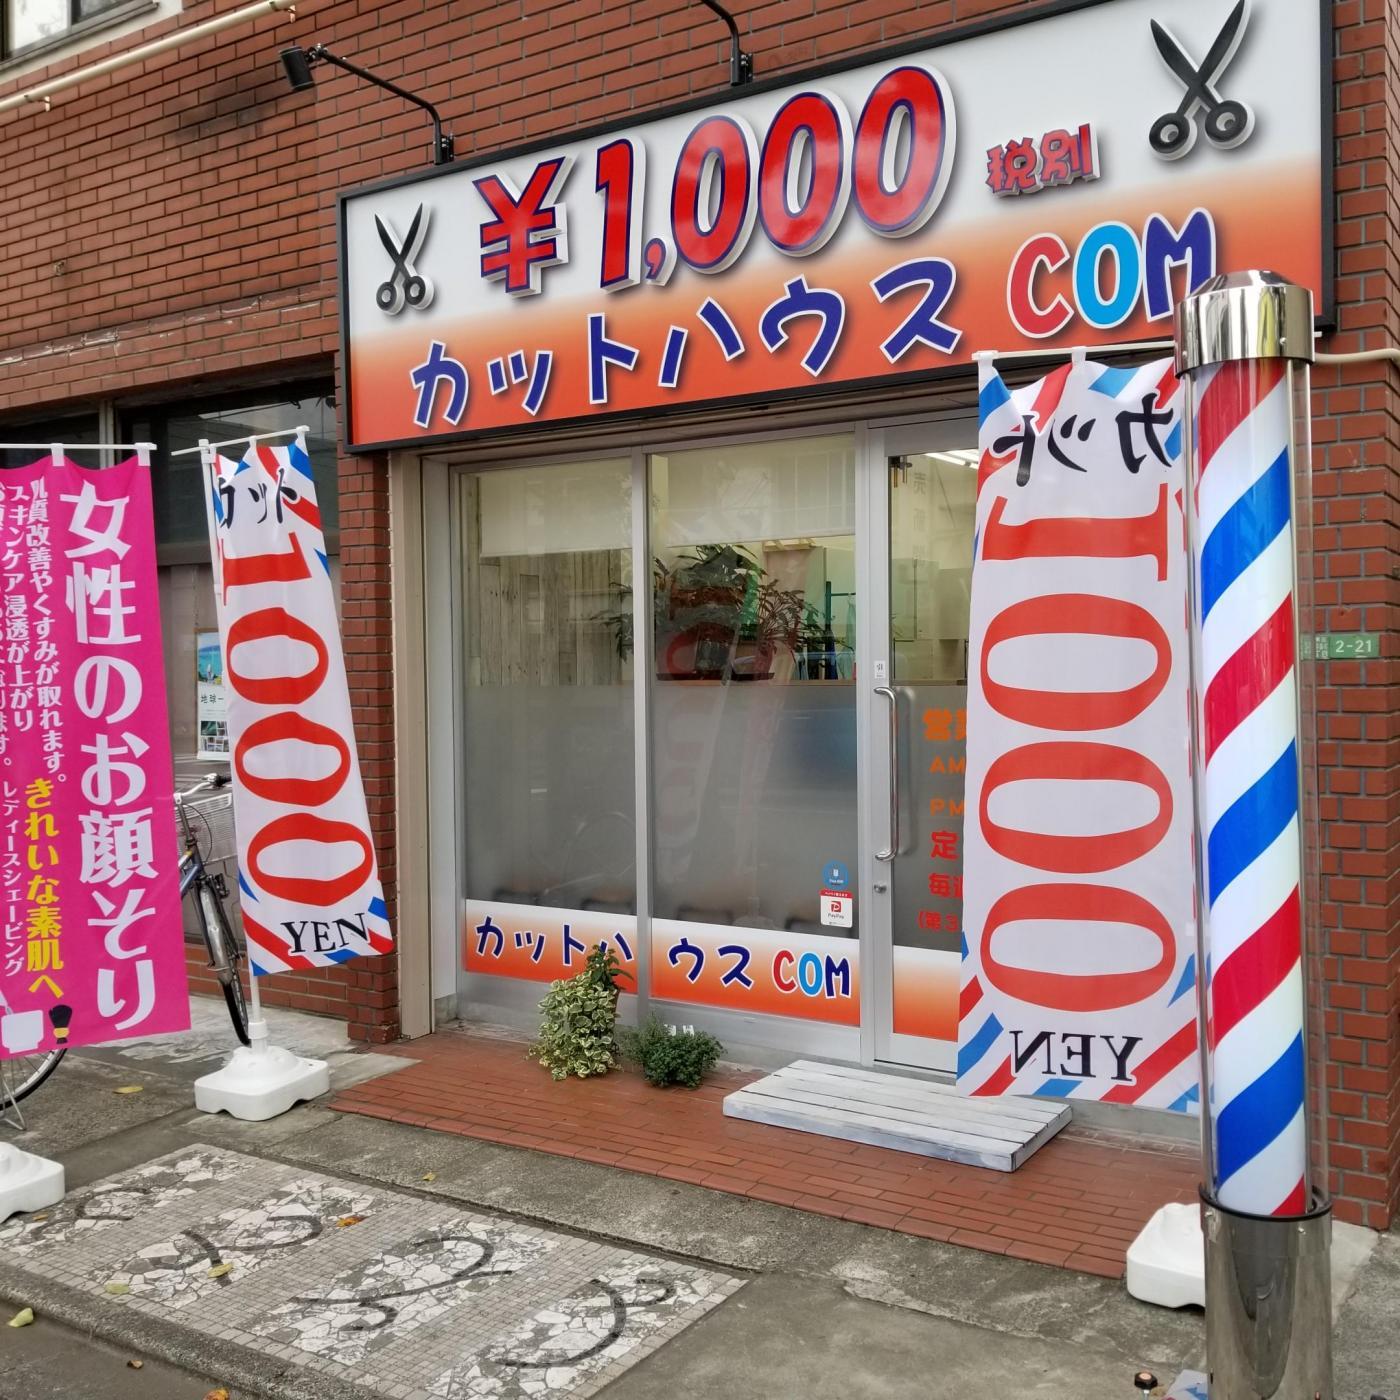 ハウス カット カットファクトリー笹塚は気軽な感覚で行けるあなたの行きつけカット専門店です。